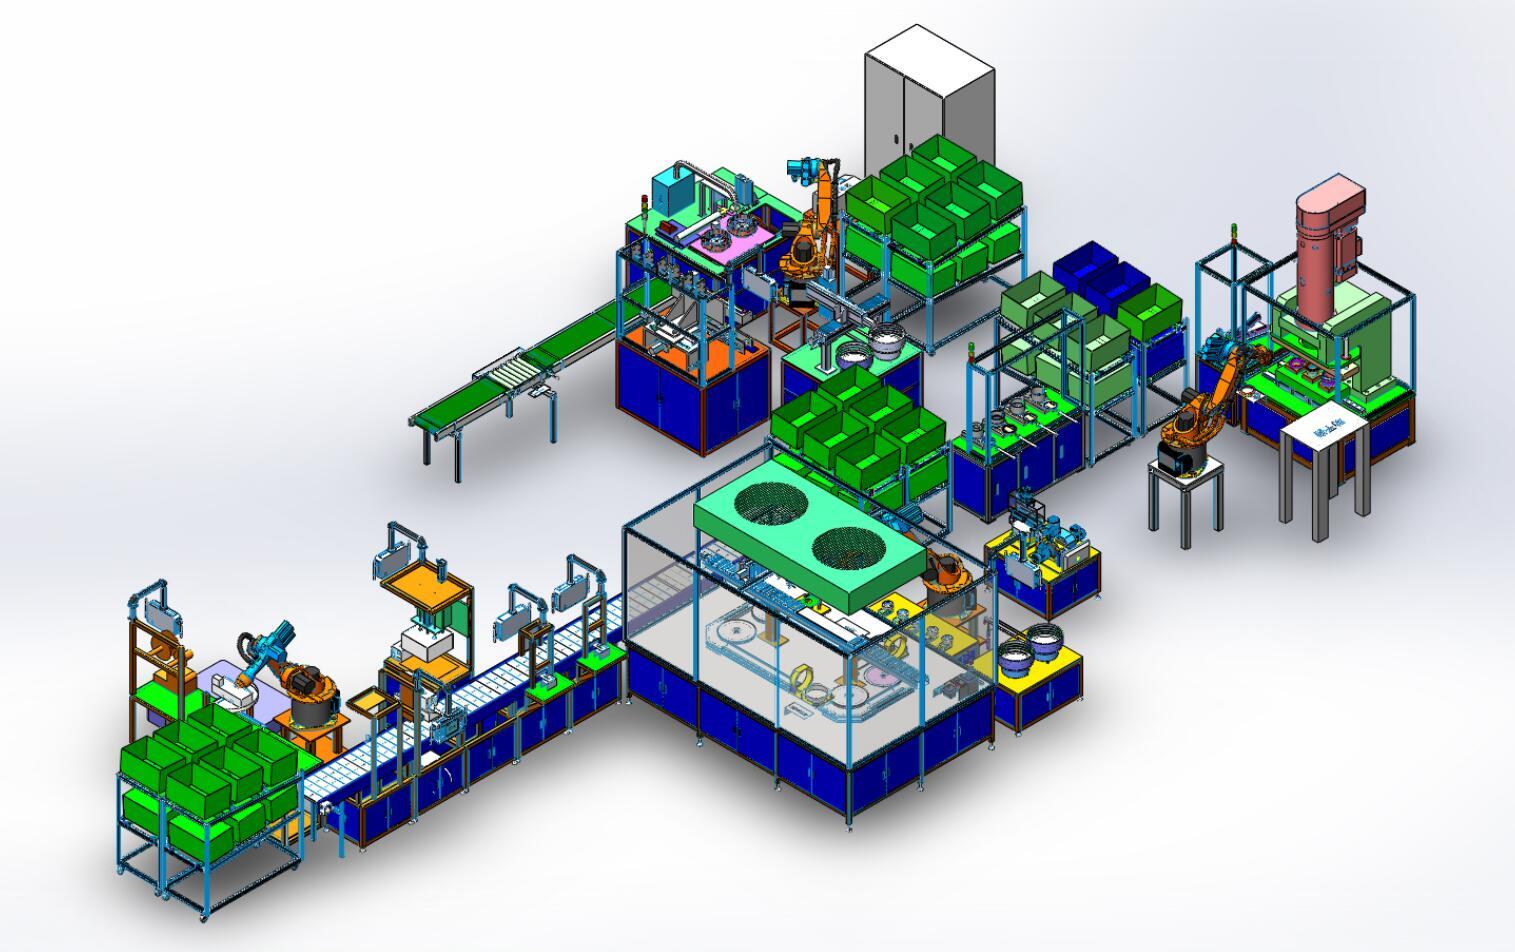 电机混合自动装配柔性生产线